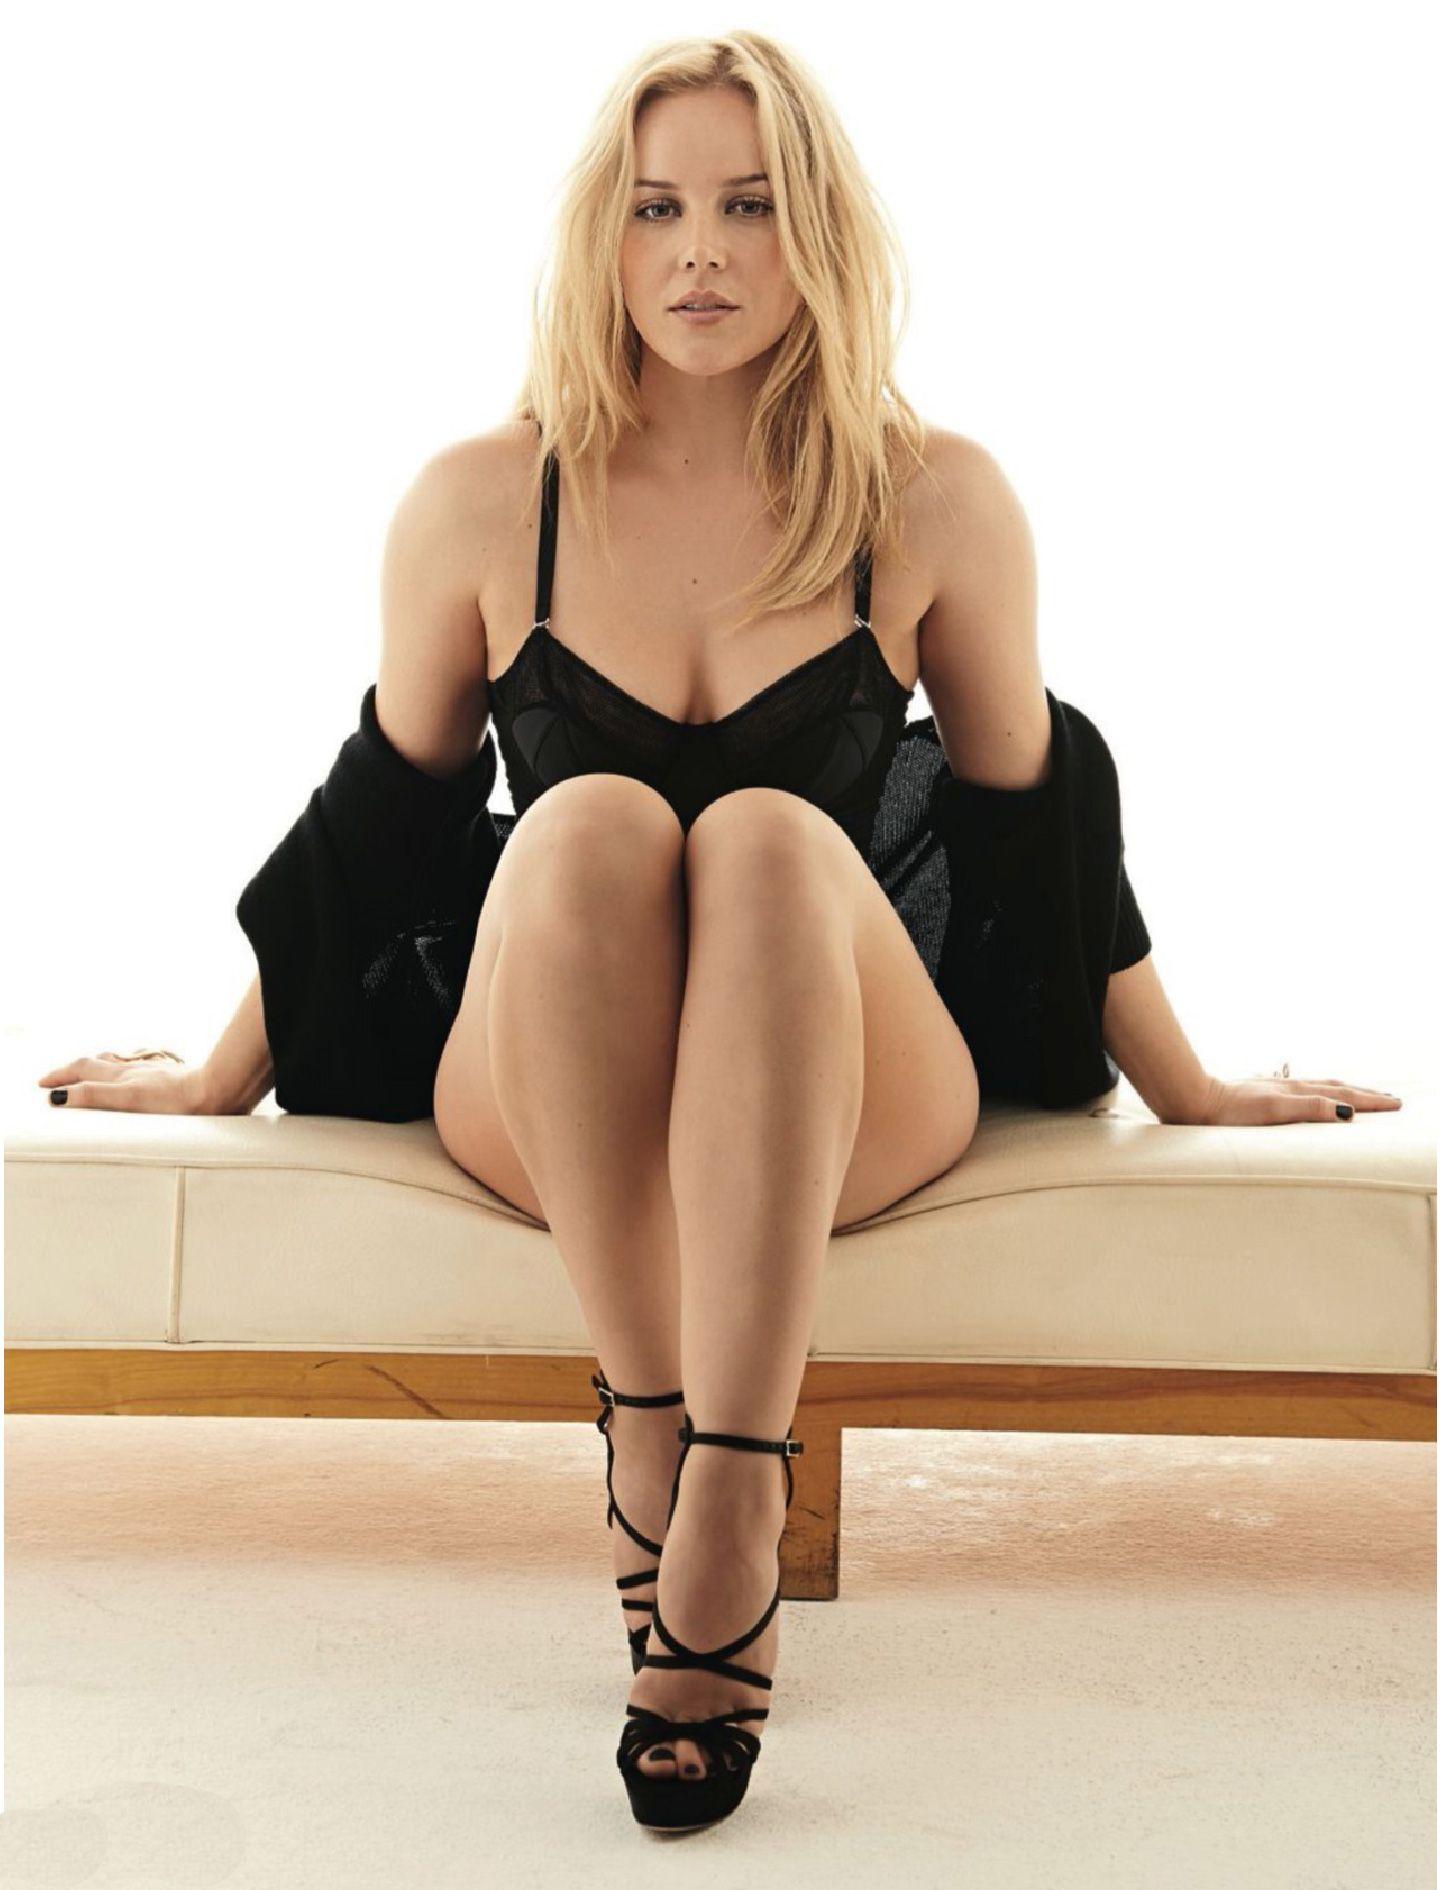 Sexy Abbie Cornish nude photos 2019